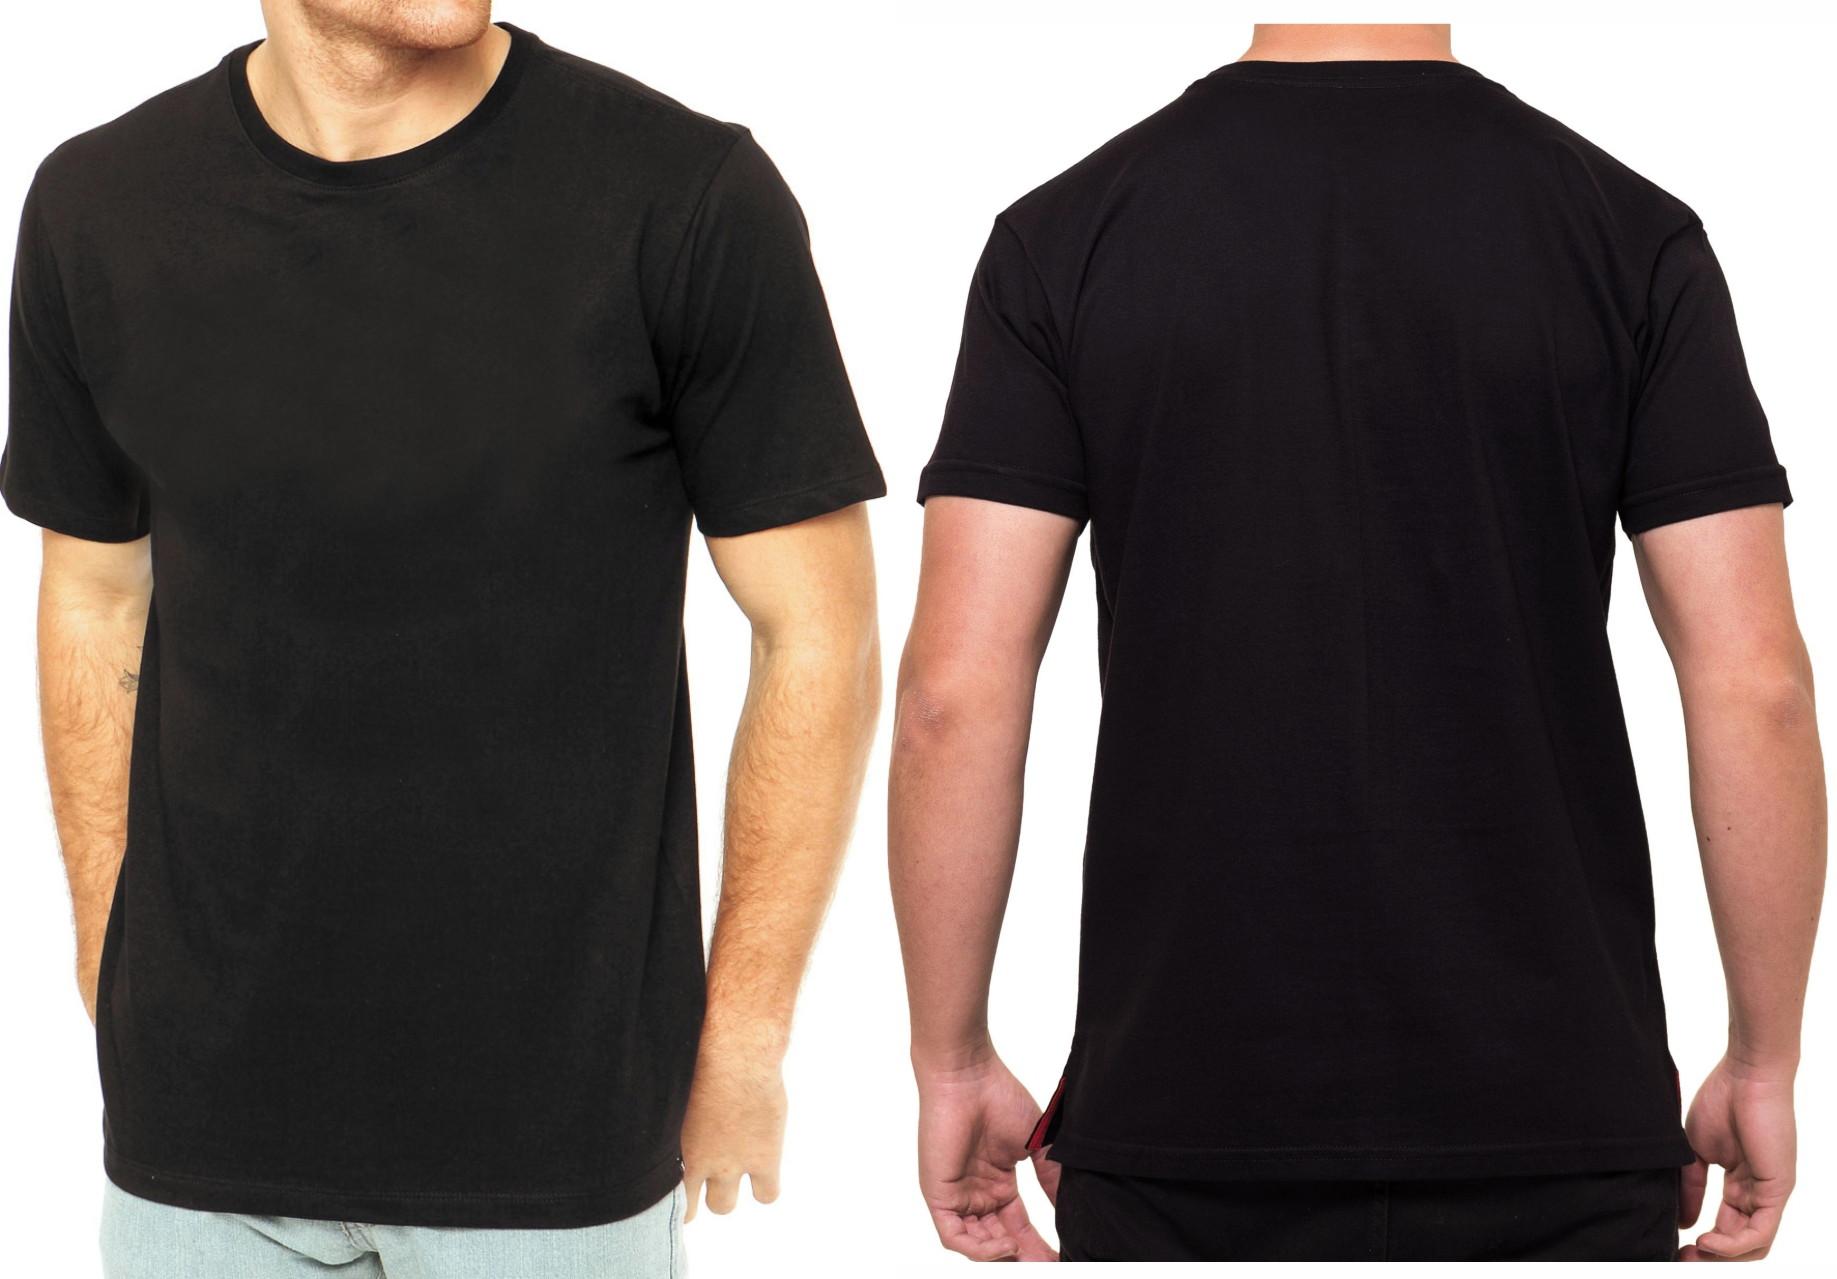 Kit c 5 Camisetas Atacado Lisa 100% Algodão -Cinza Clara no Elo7 ... dfc930b4fba